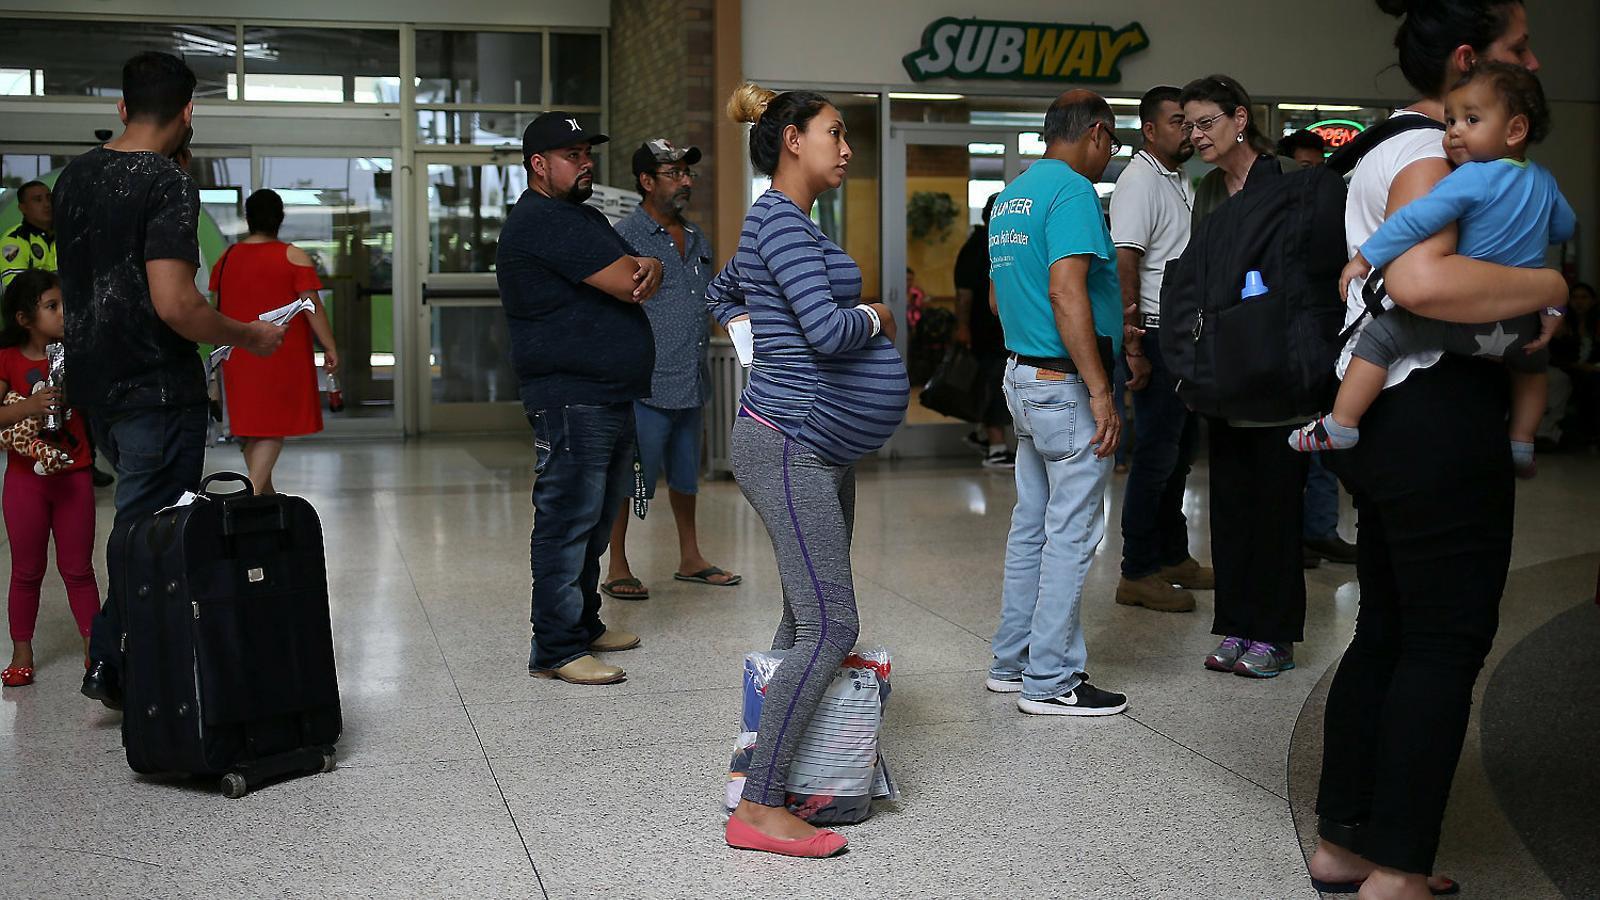 Els EUA podran denegar el visat de turistes a dones embarassades